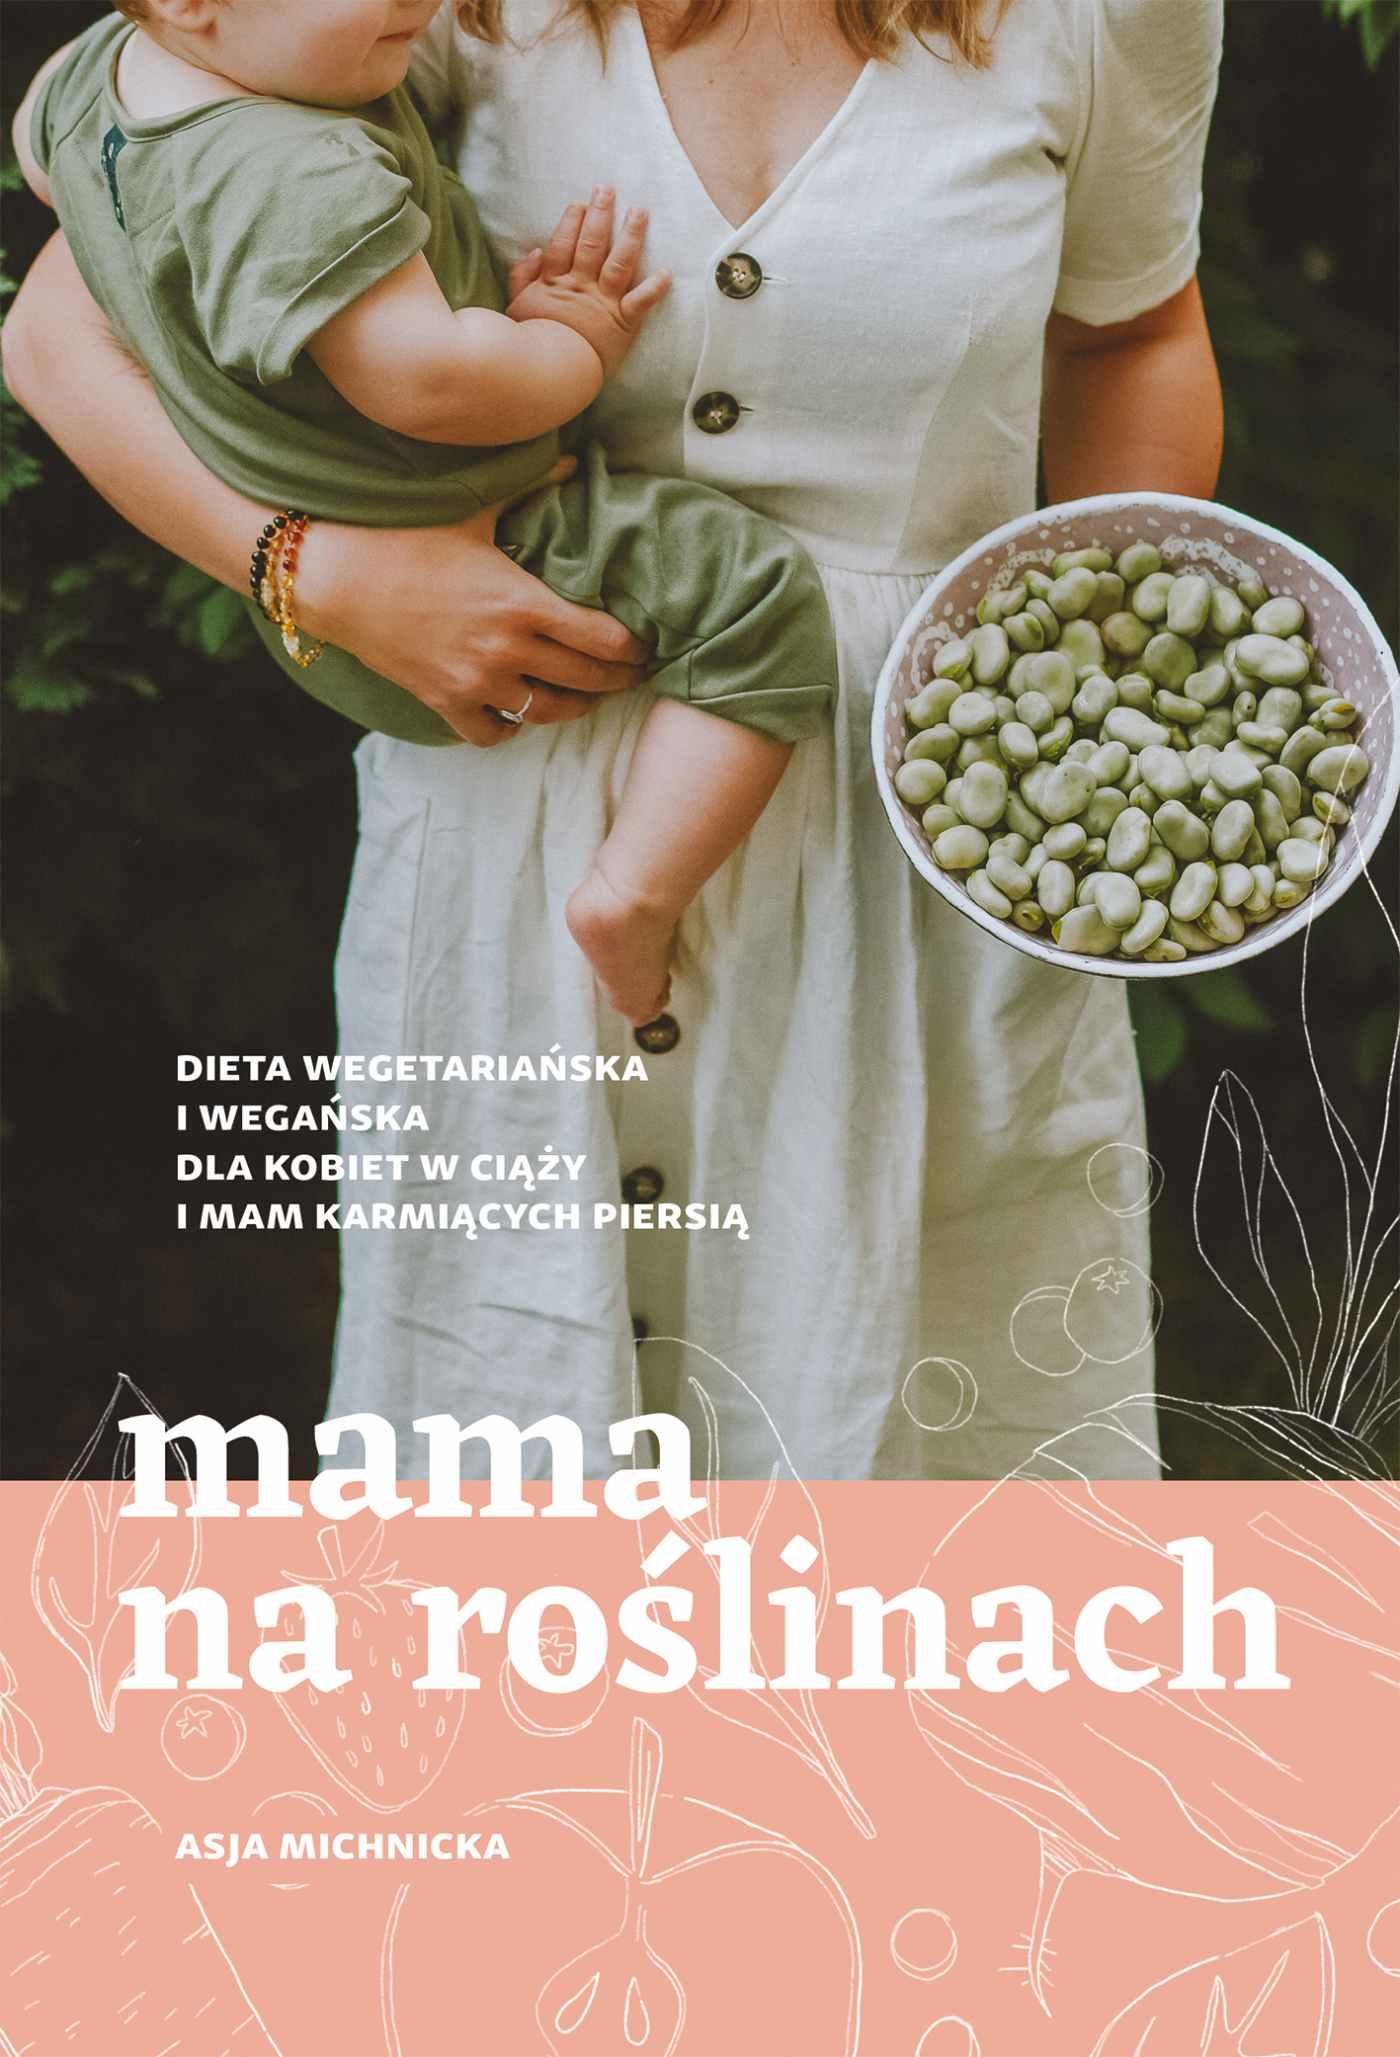 Mama na roślinach. Dieta wegetariańska i wegańska dla kobiet w ciąży i mam karmiących piersią - Ebook (Książka EPUB) do pobrania w formacie EPUB